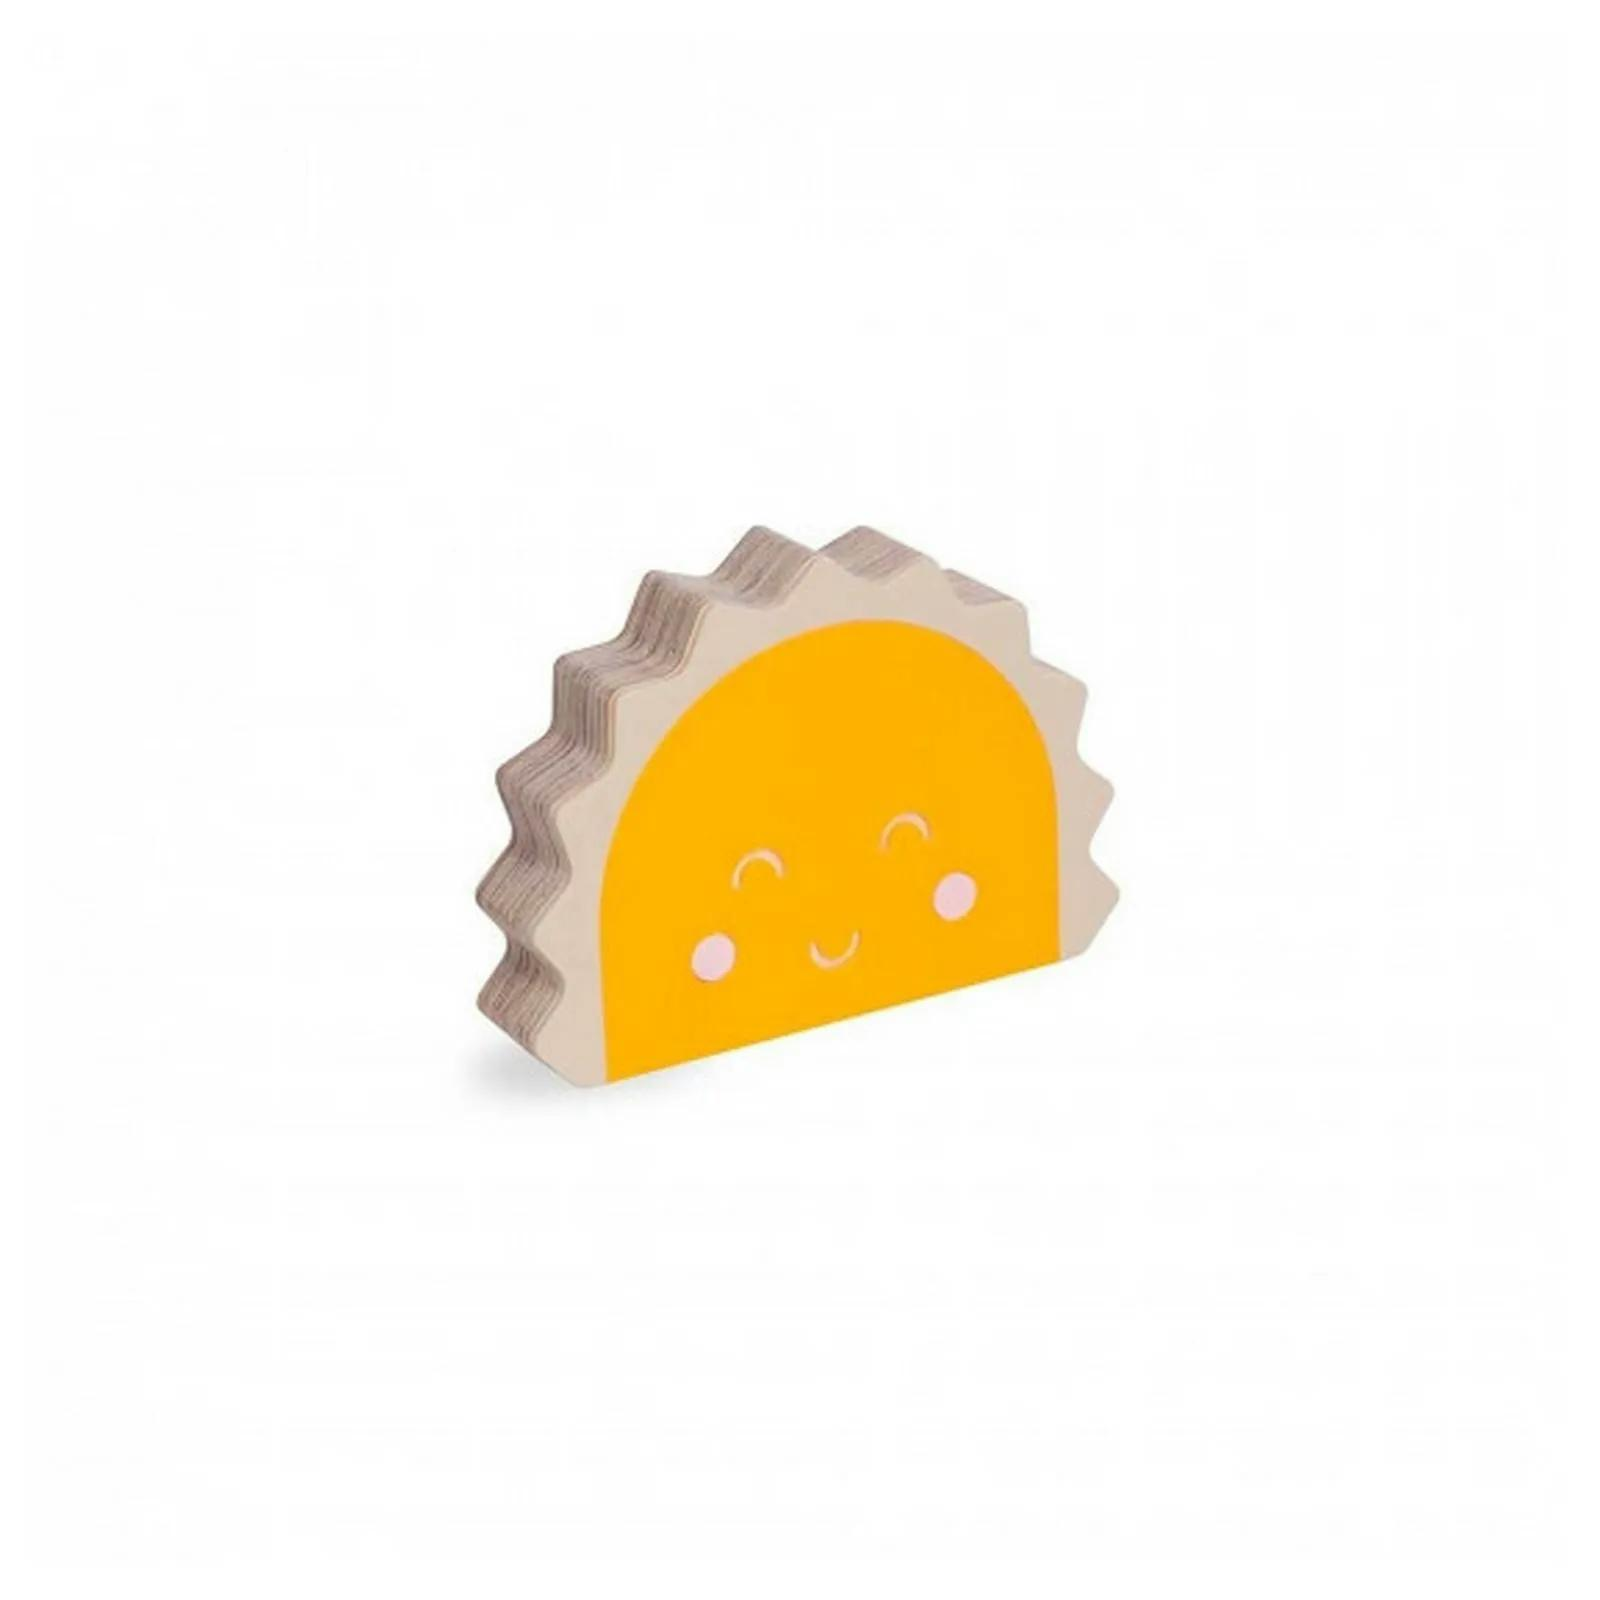 Adorno Sol 16,5x12cm